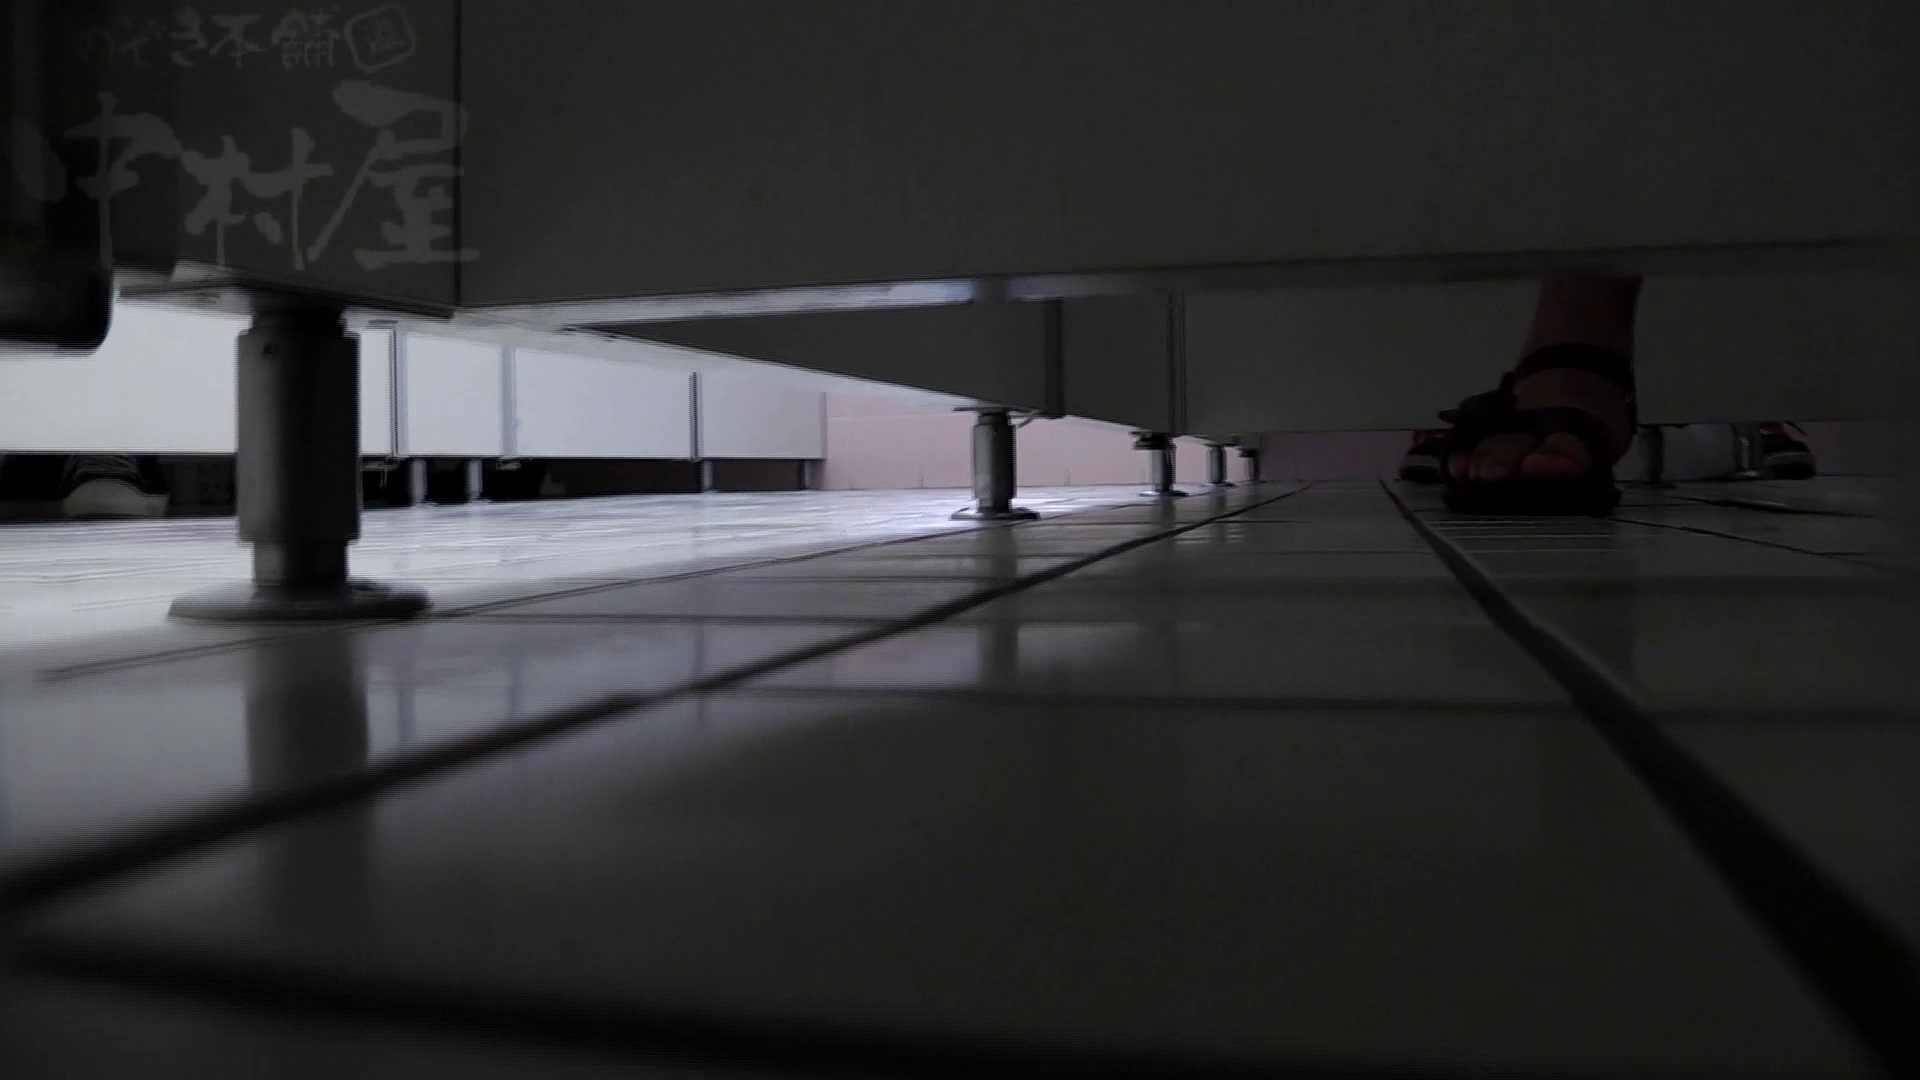 美しい日本の未来 No.26 美女偏差値オール90 女子トイレ編 盗み撮り動画 91PIX 69